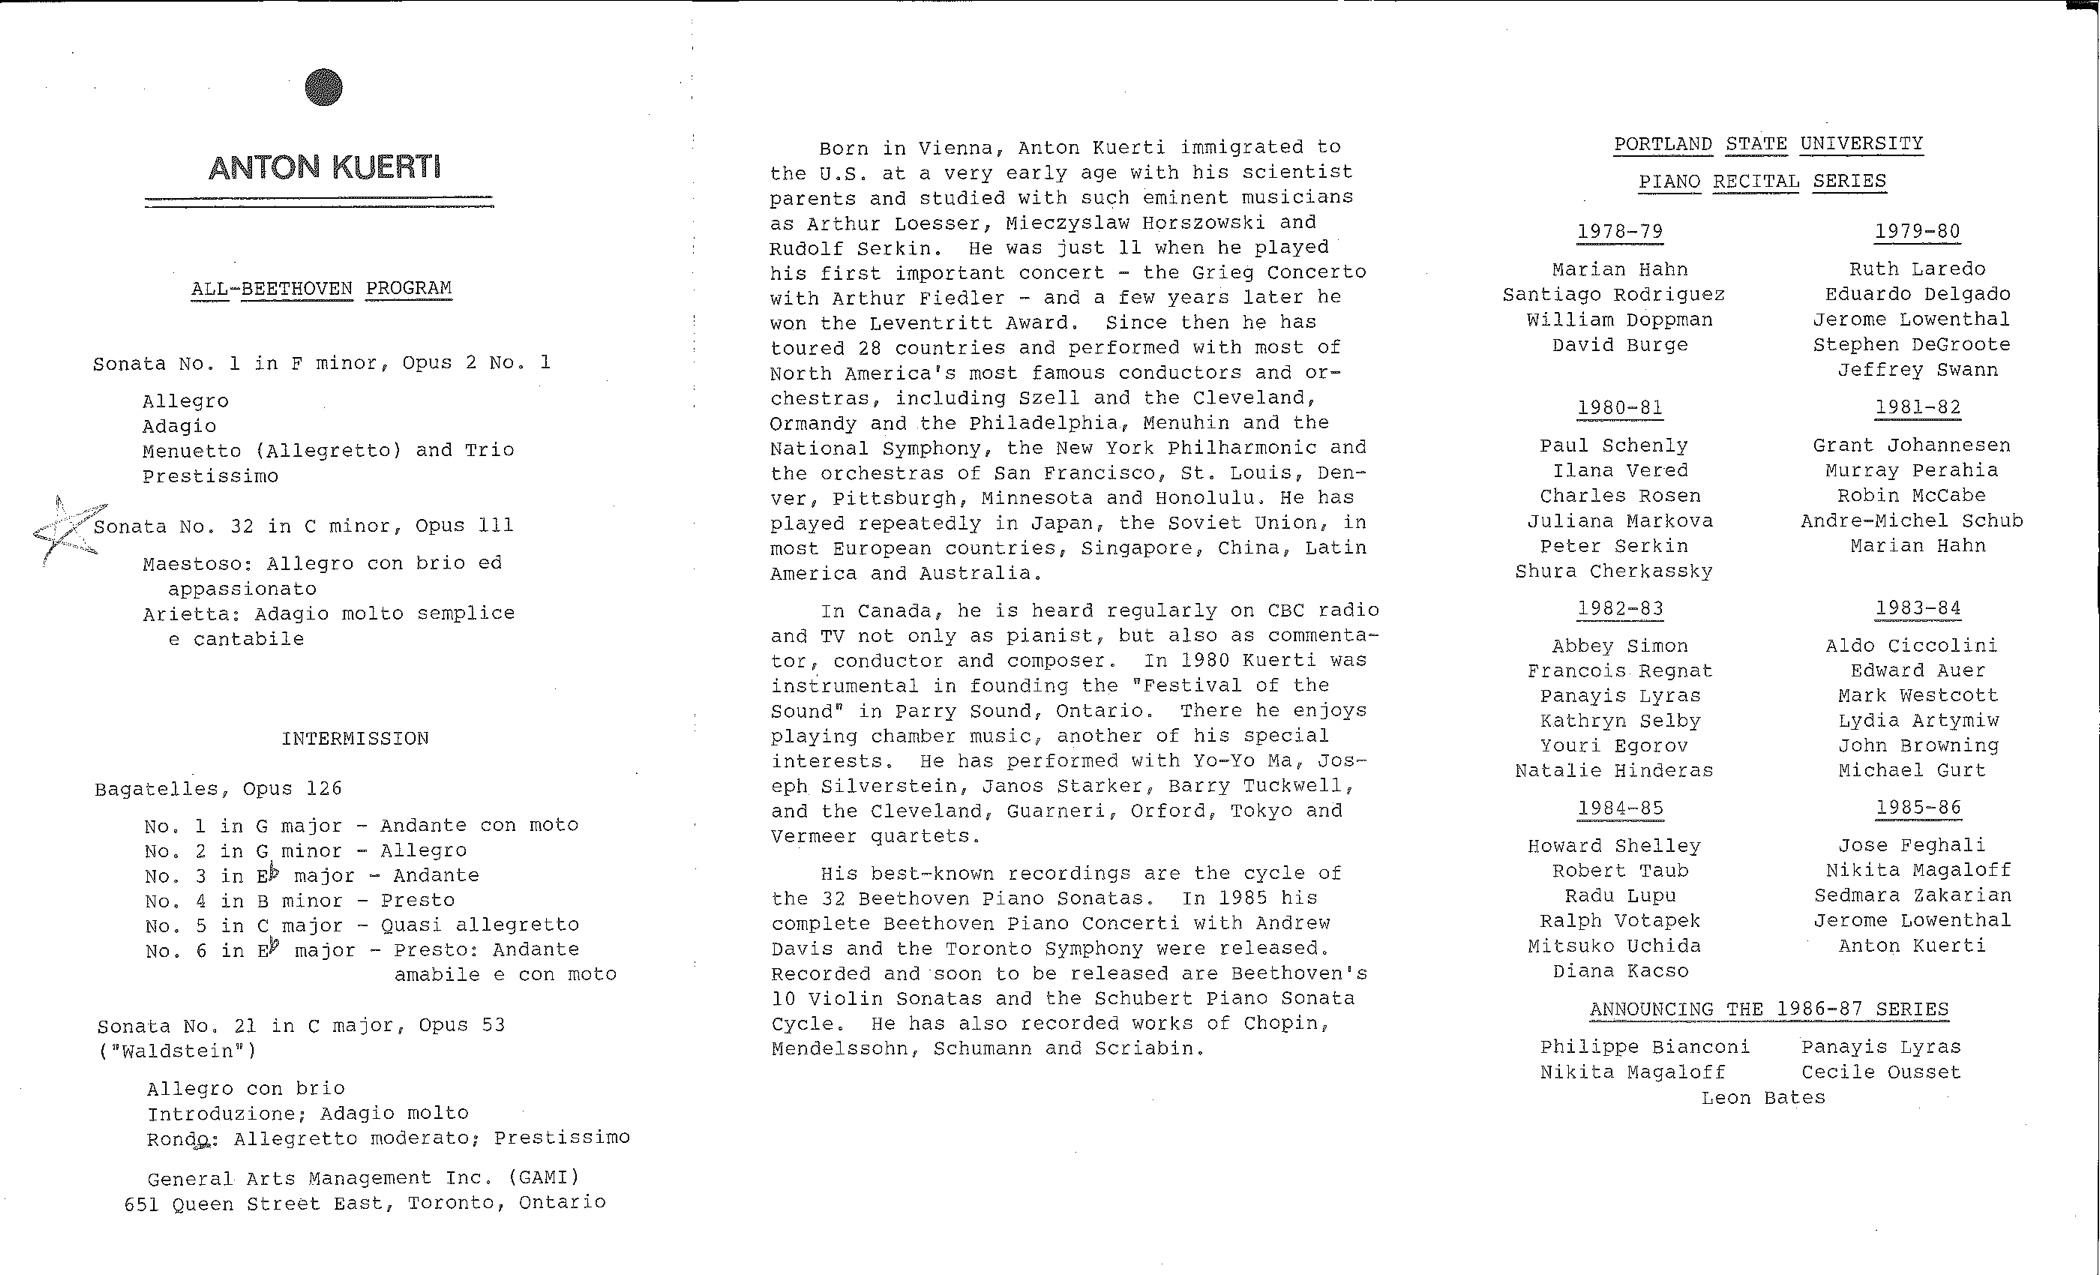 Kuerti85-86_Program1.jpg